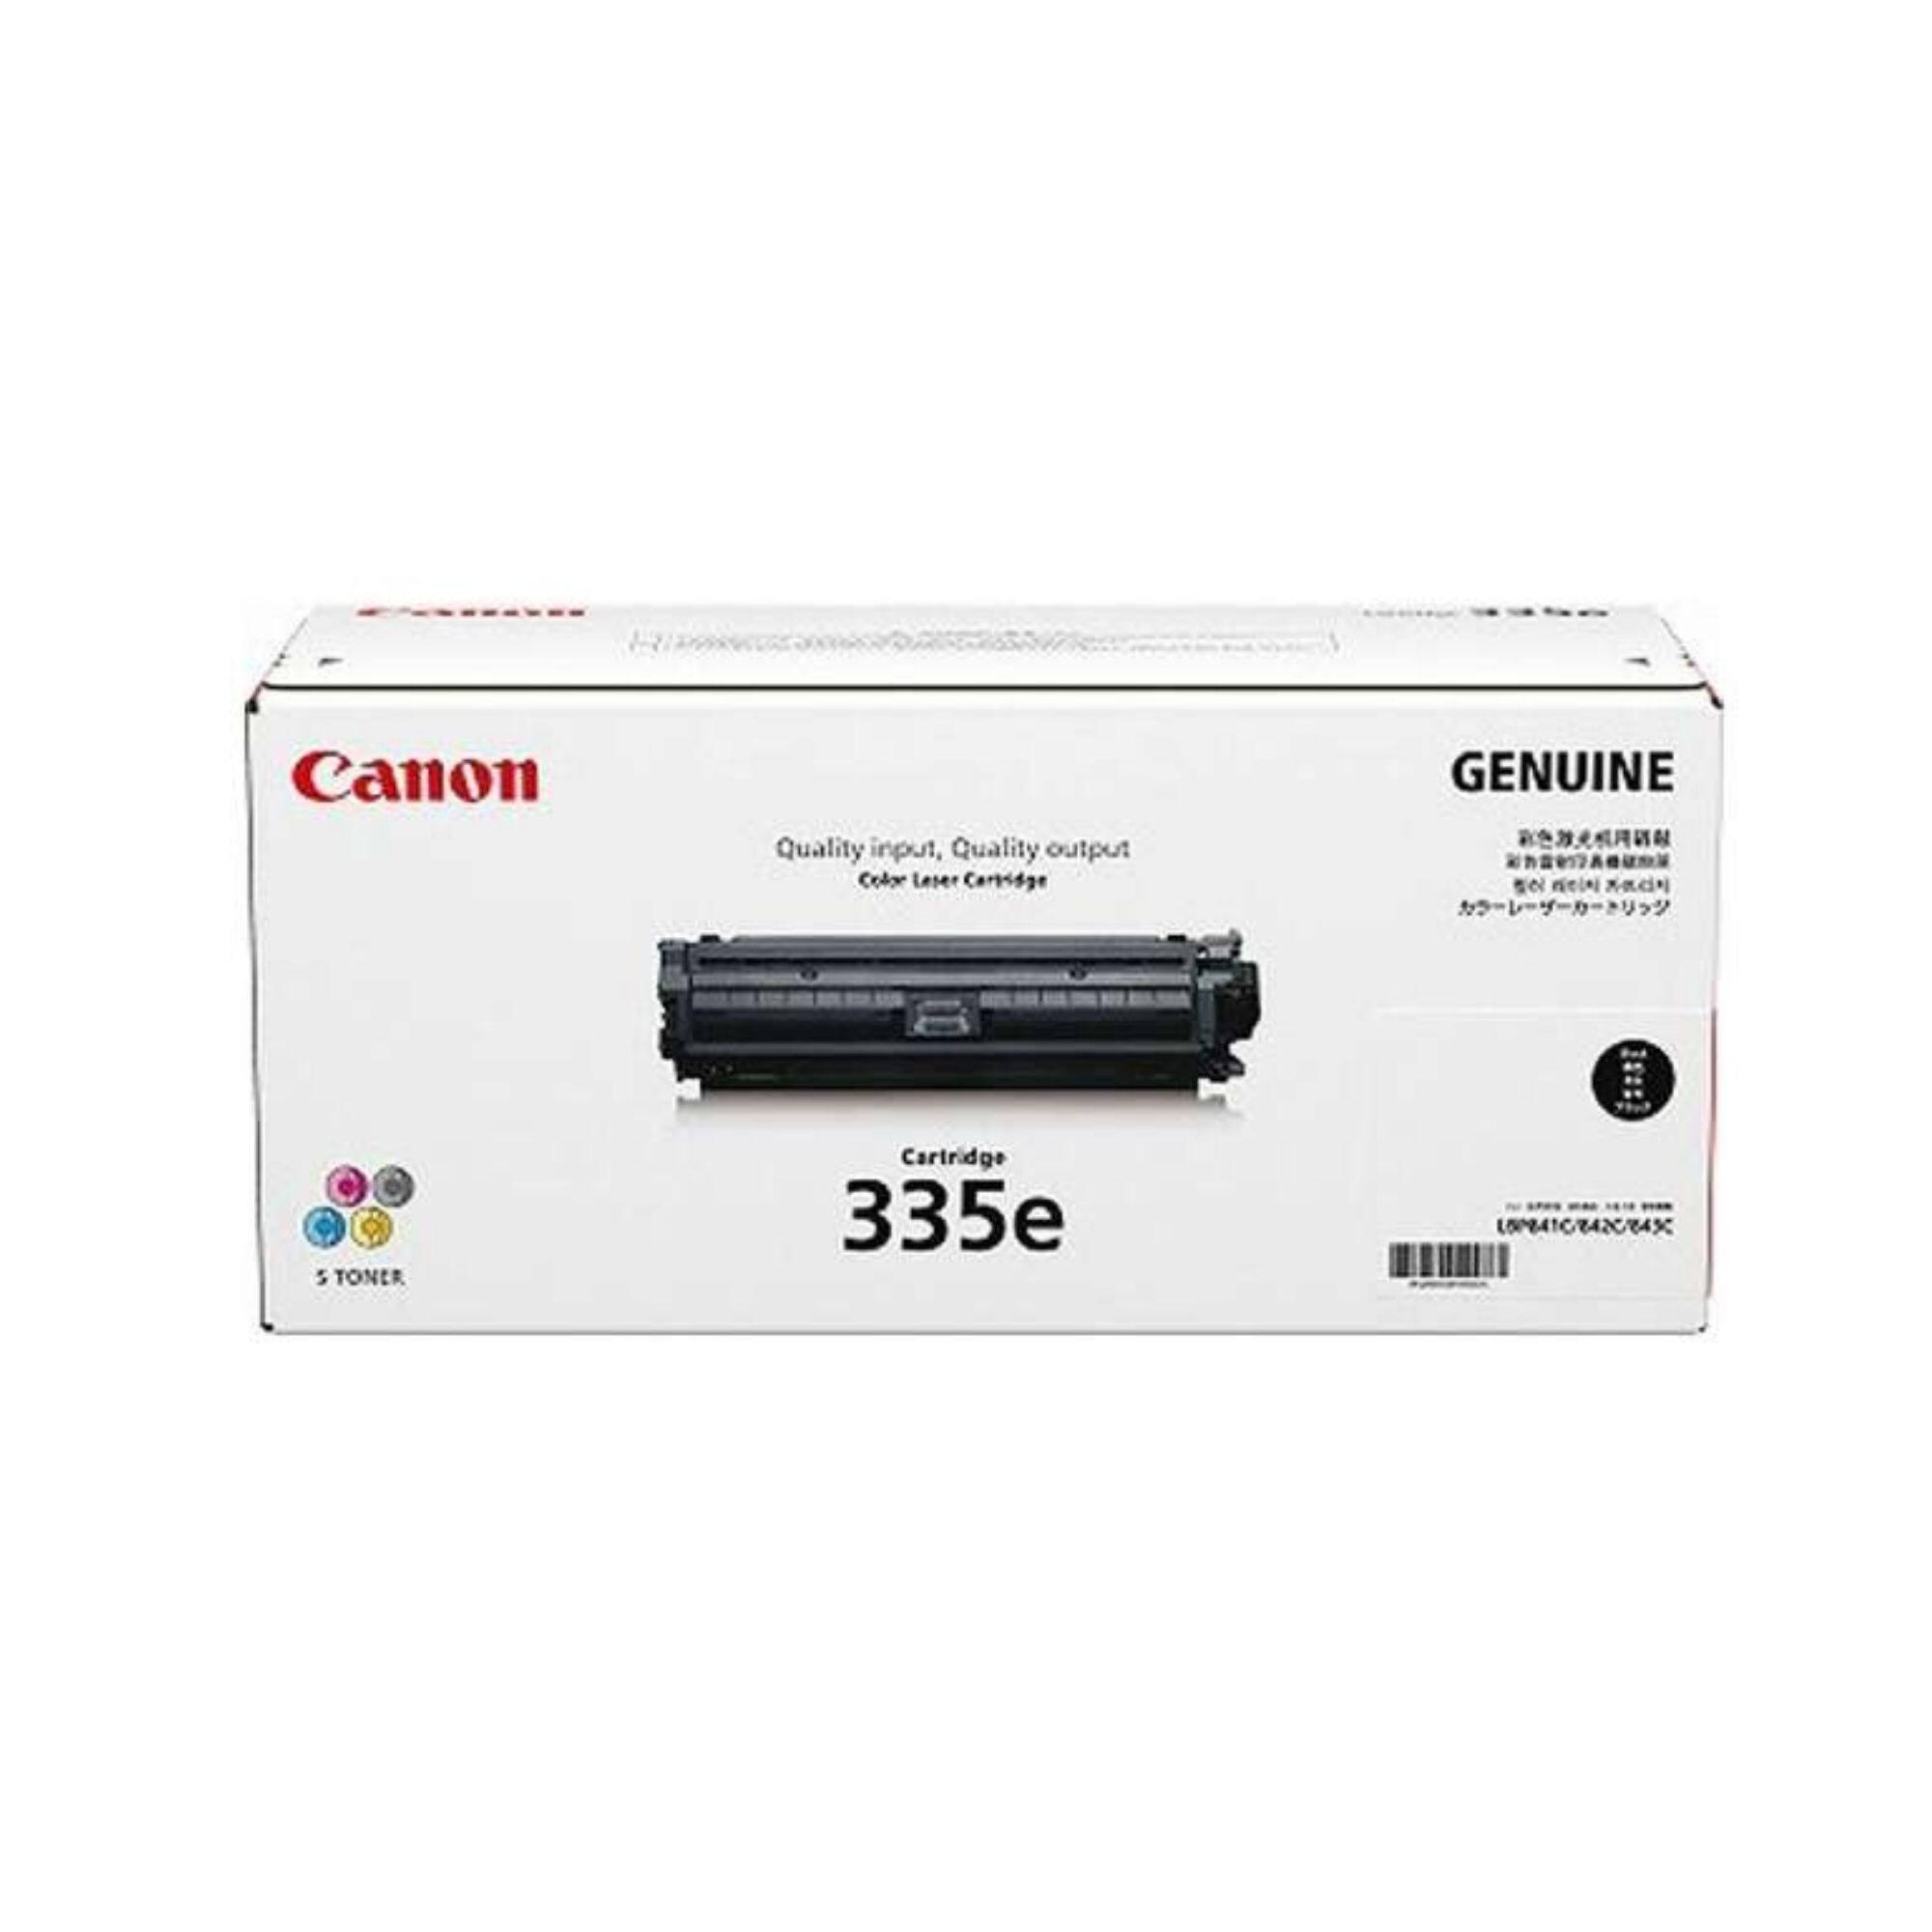 Canon Cart 335E Black Toner for LBP841Cdn/LBP843Cx Printer